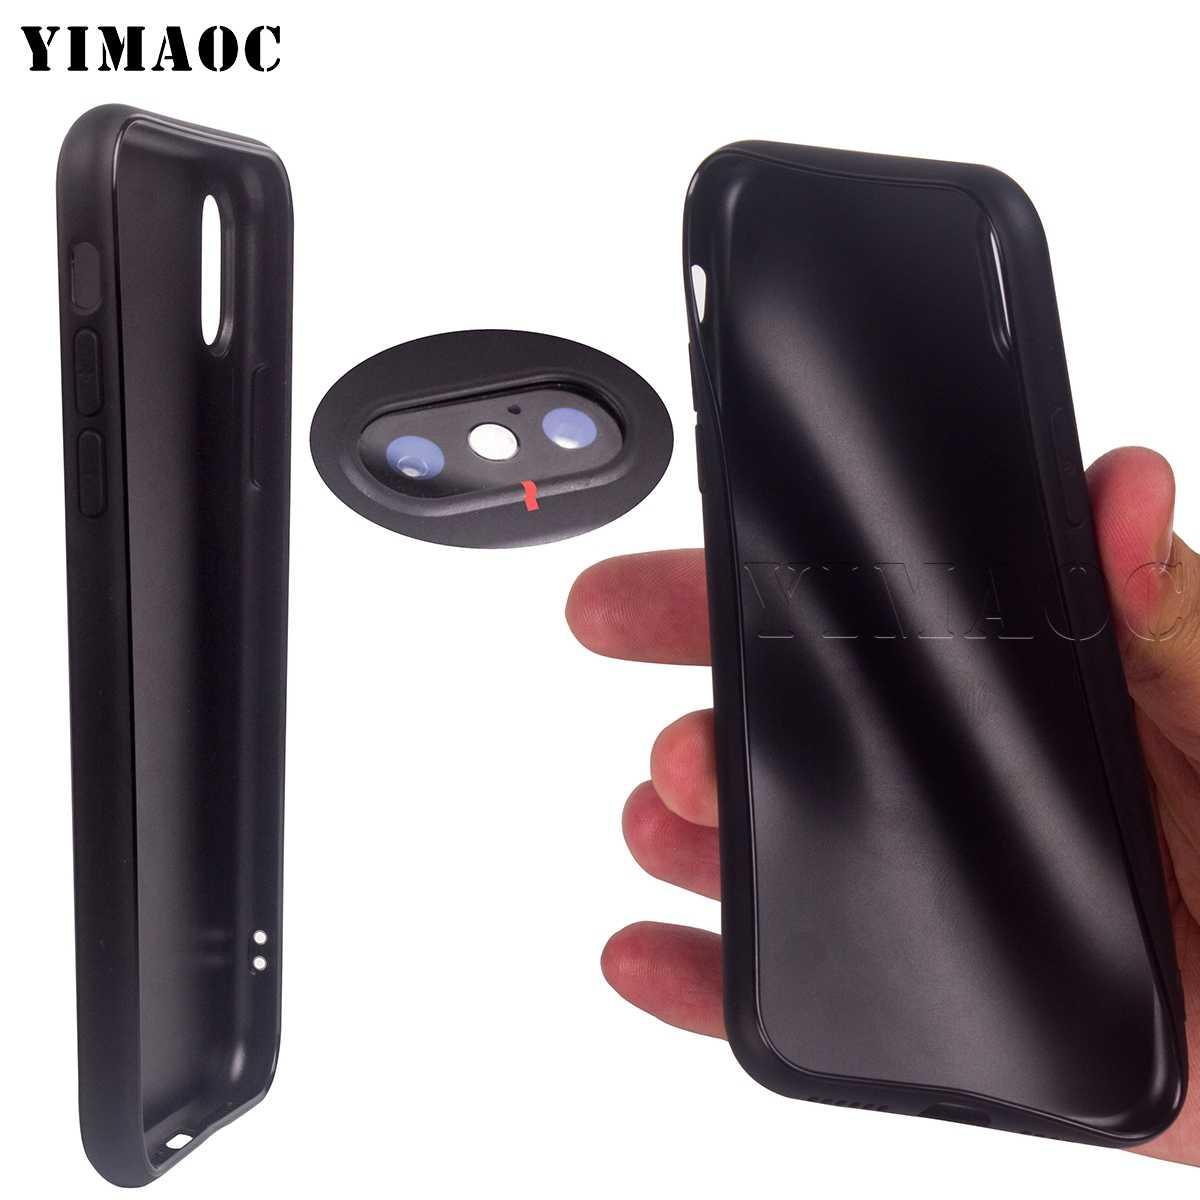 YIMAOC Dello Spazio della Luna Astronauta di Caso per Huawei Mate 30 20 Honor Y7 7a 7c 8c 8x9 10 Nova 3i 3 Lite Pro Y6 2018 P30 P smart